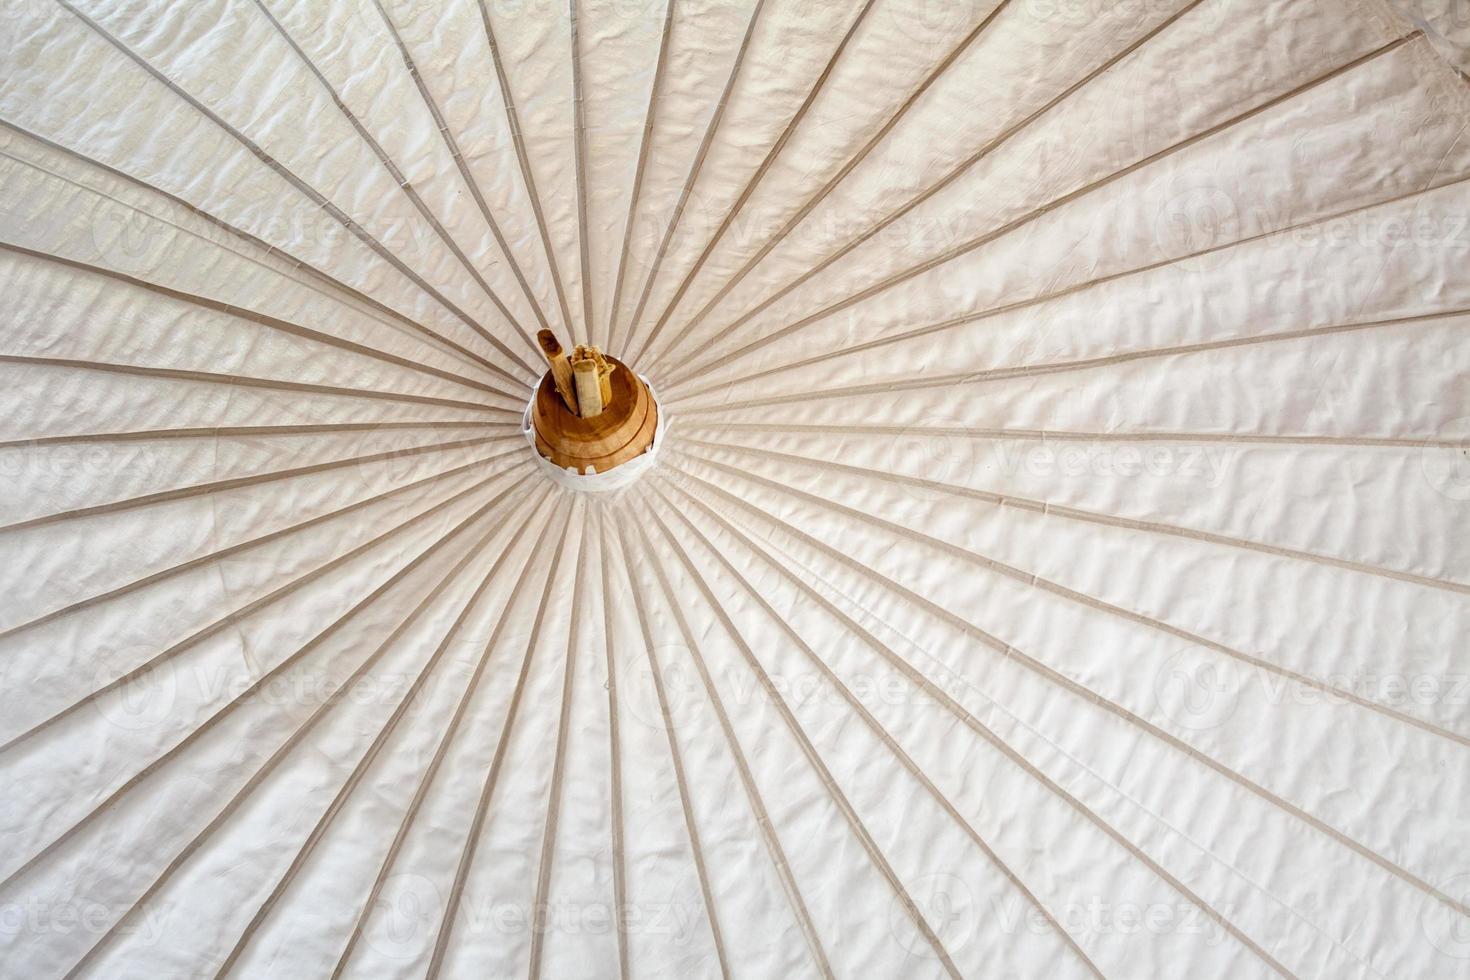 ombrello fatto di carta / tessuto arti e mestieri foto